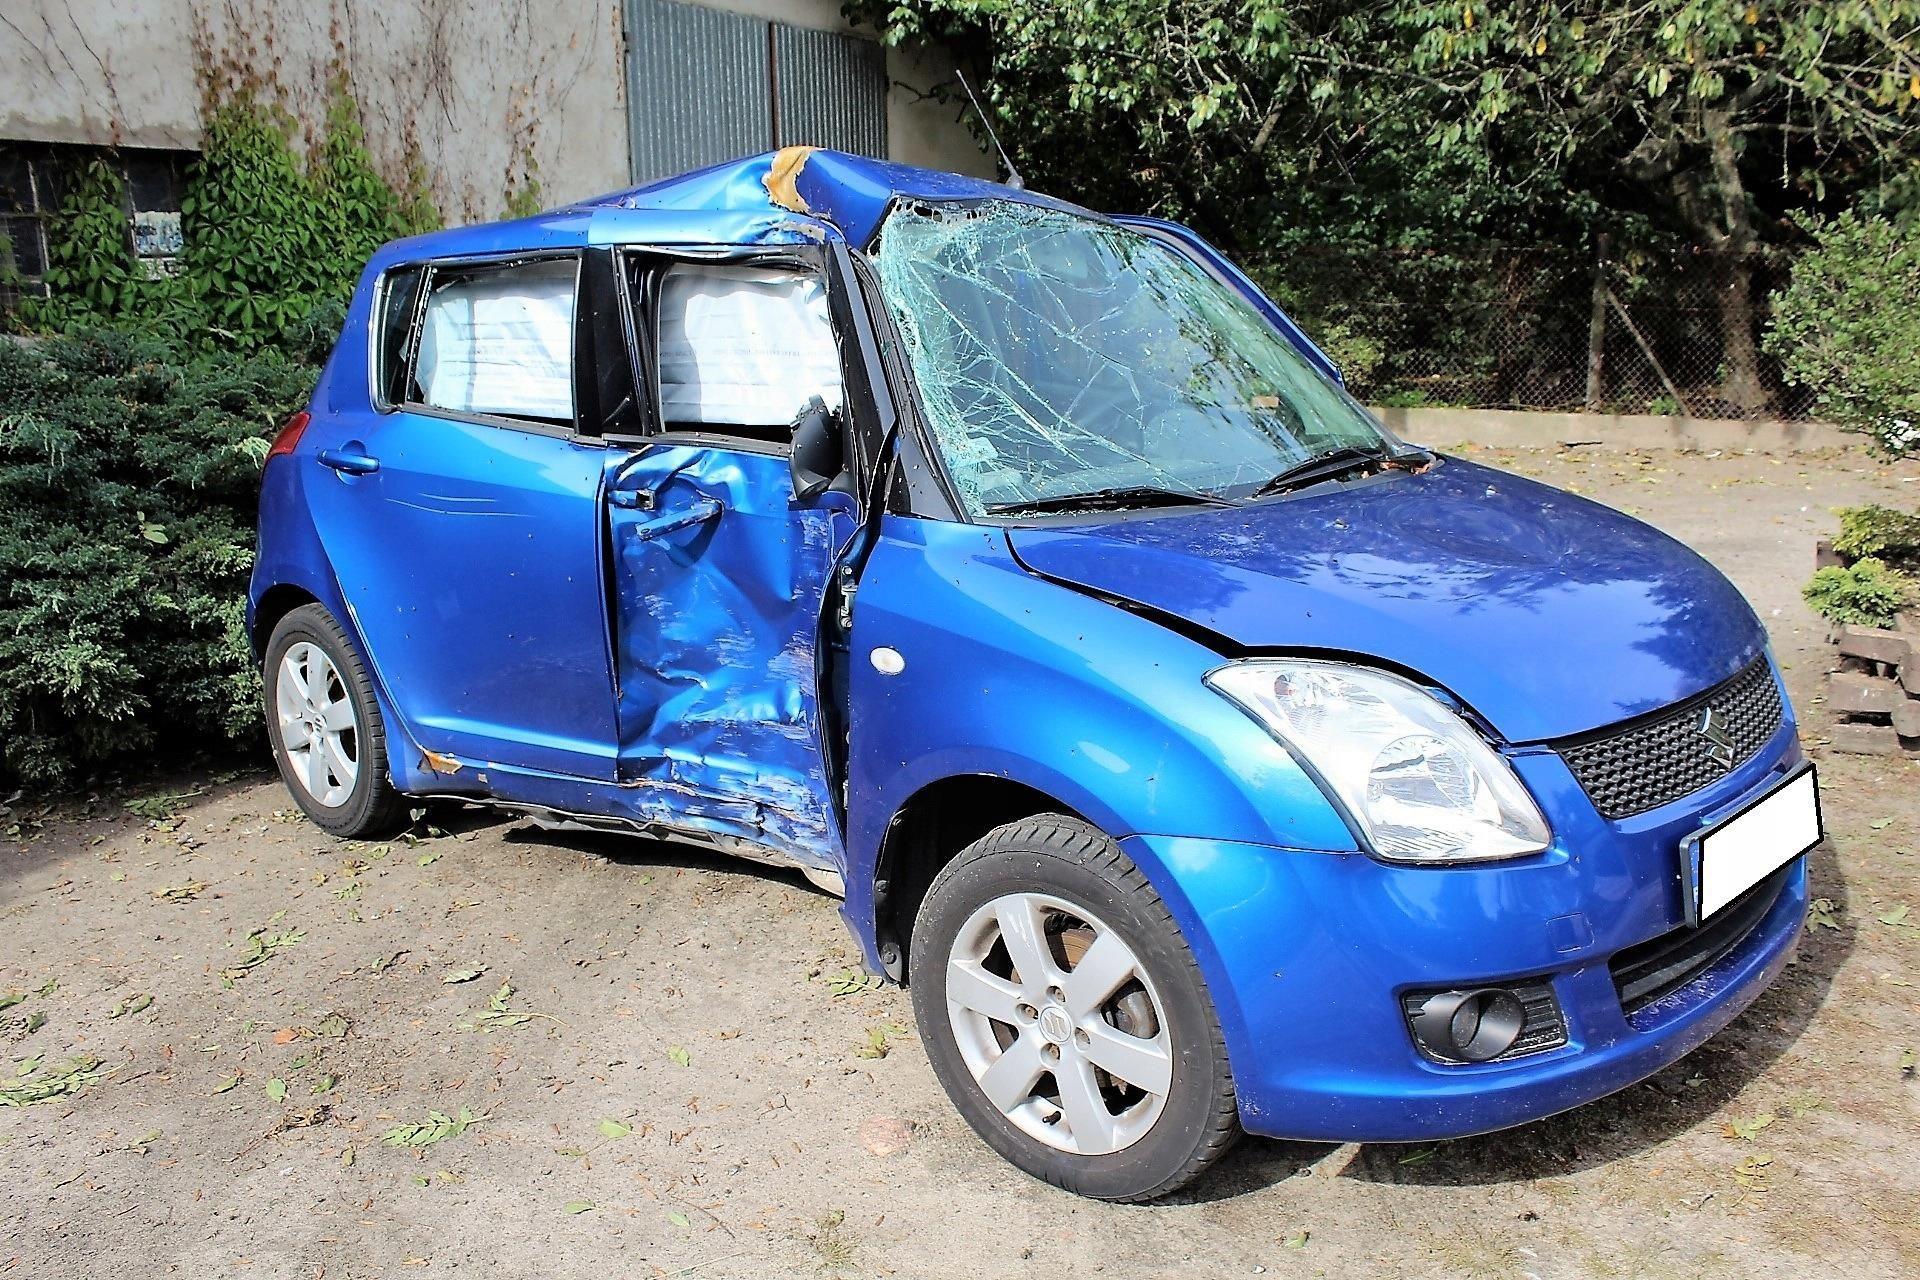 Suzuki Swift 2008 13 Pb Uszkodzony Na Części Opinie I Ceny Na